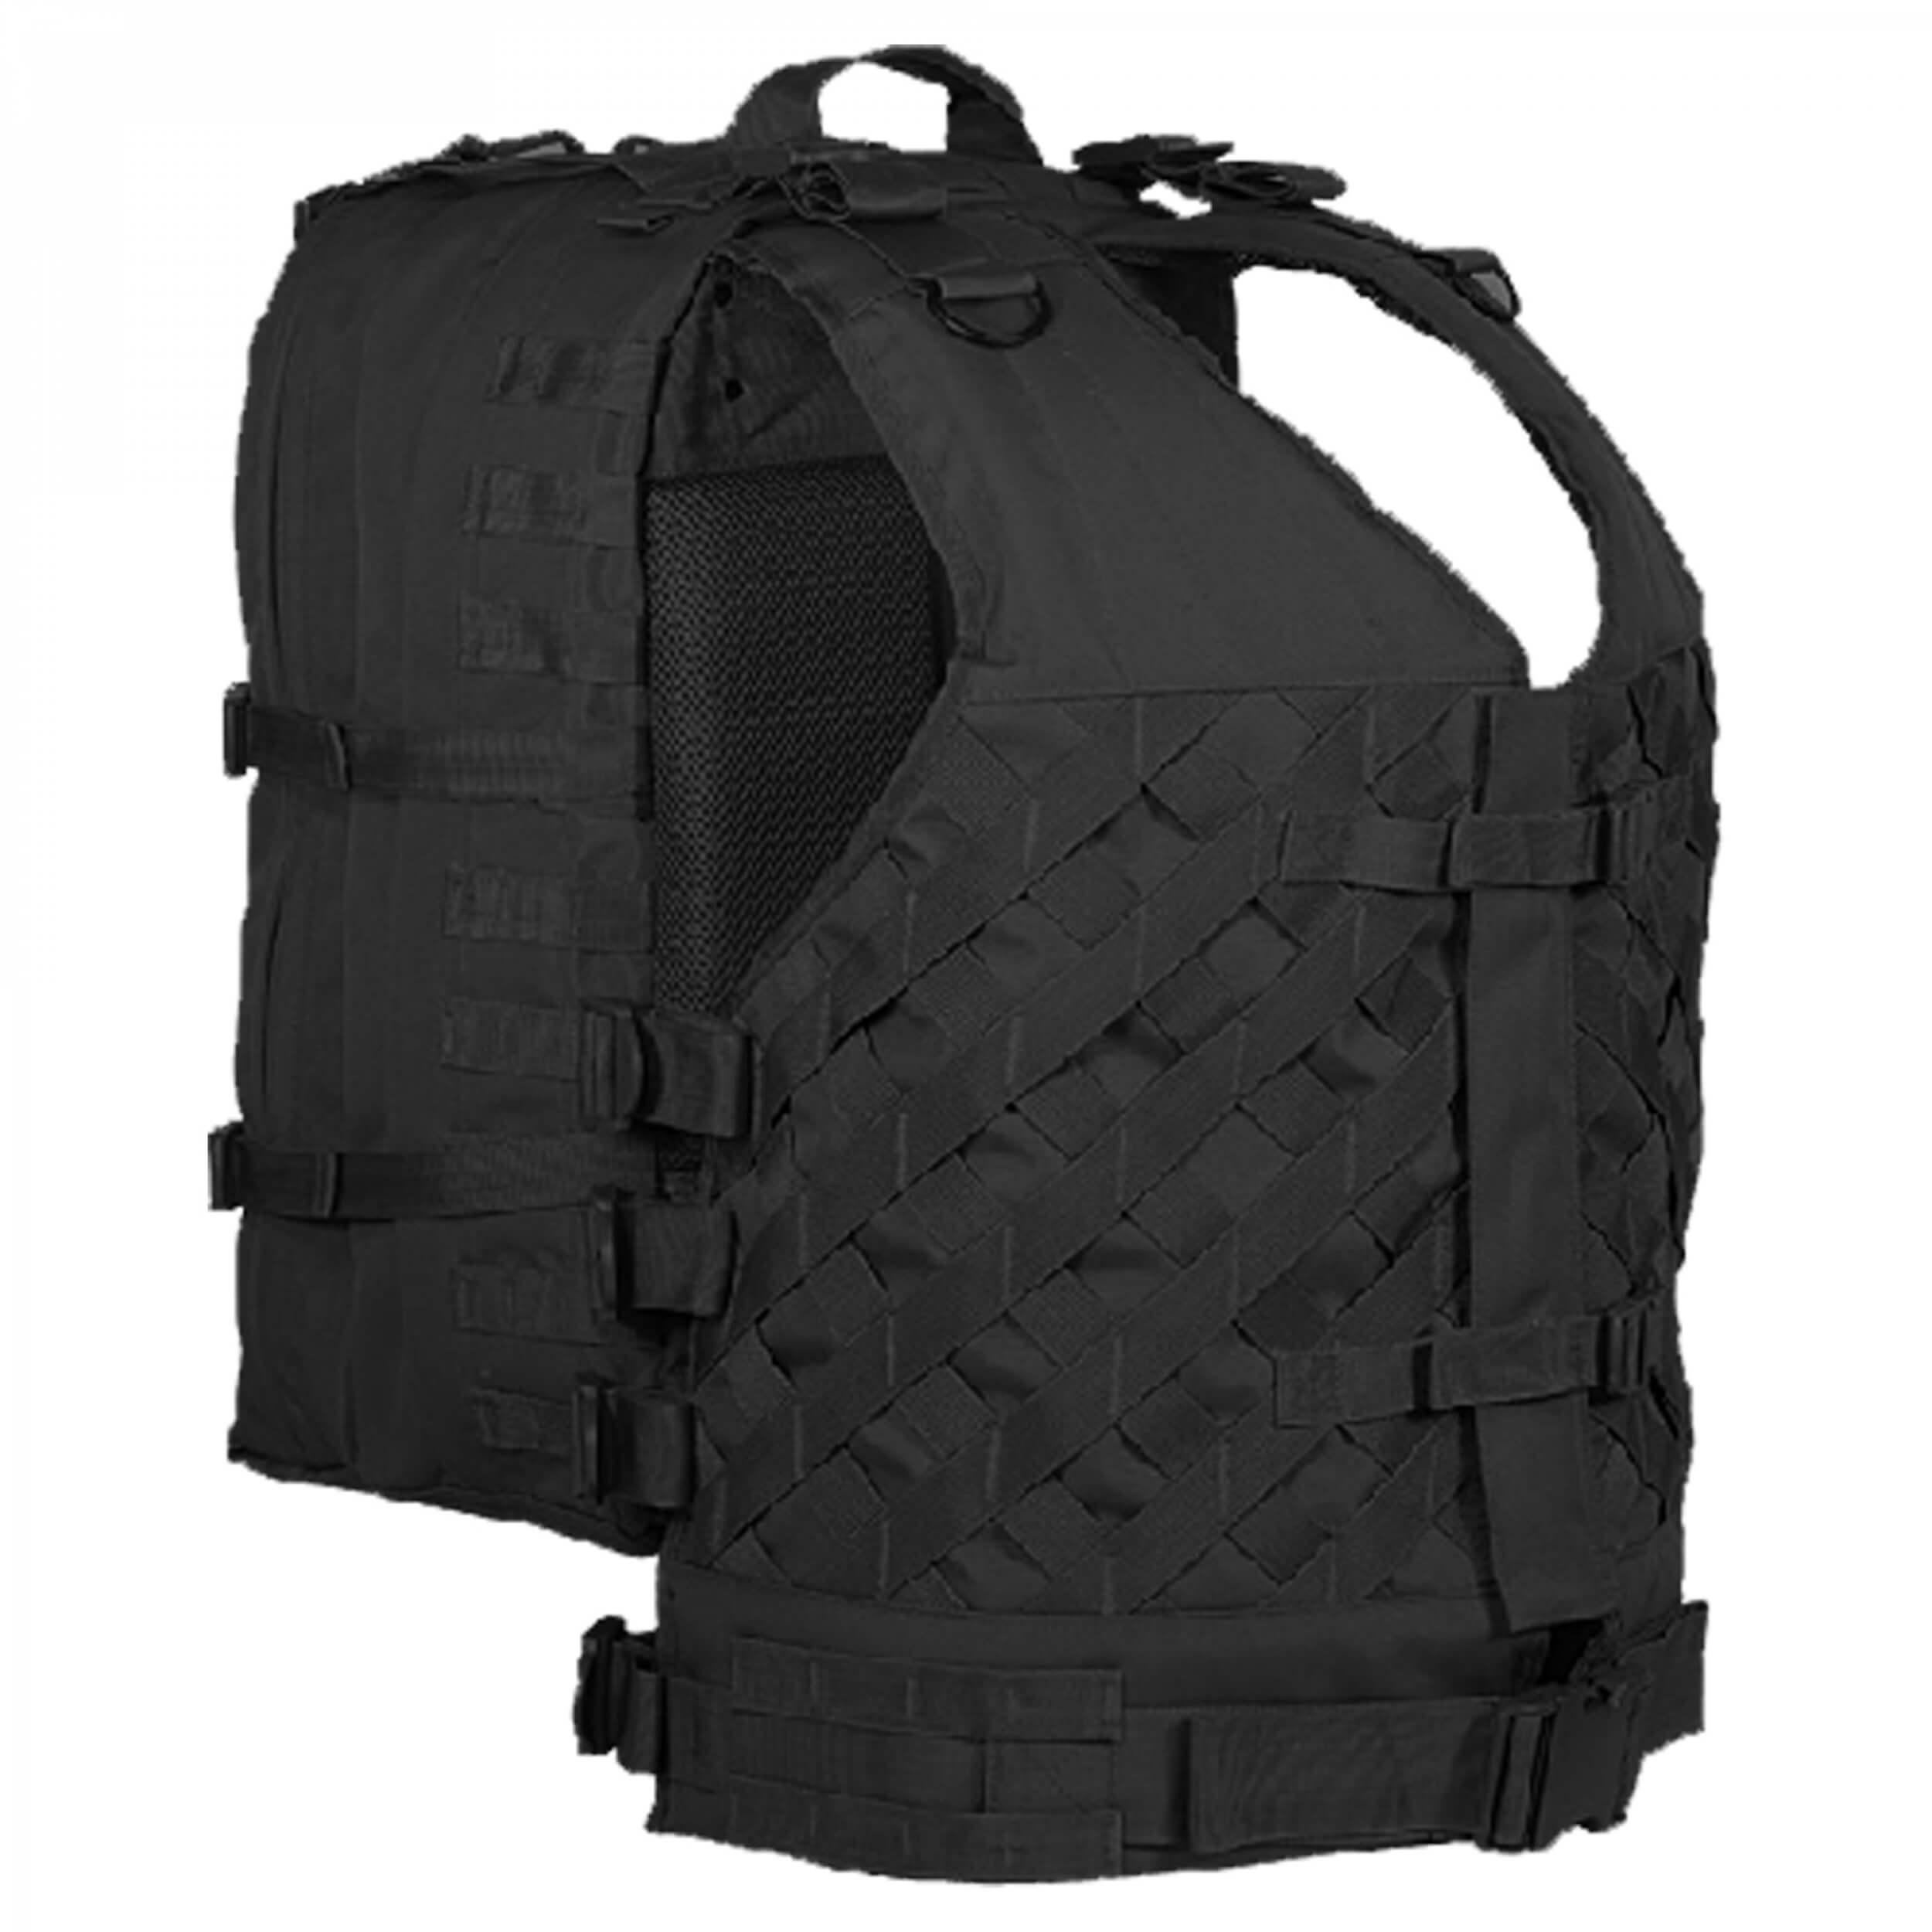 Voodoo Vanguard VestPack black